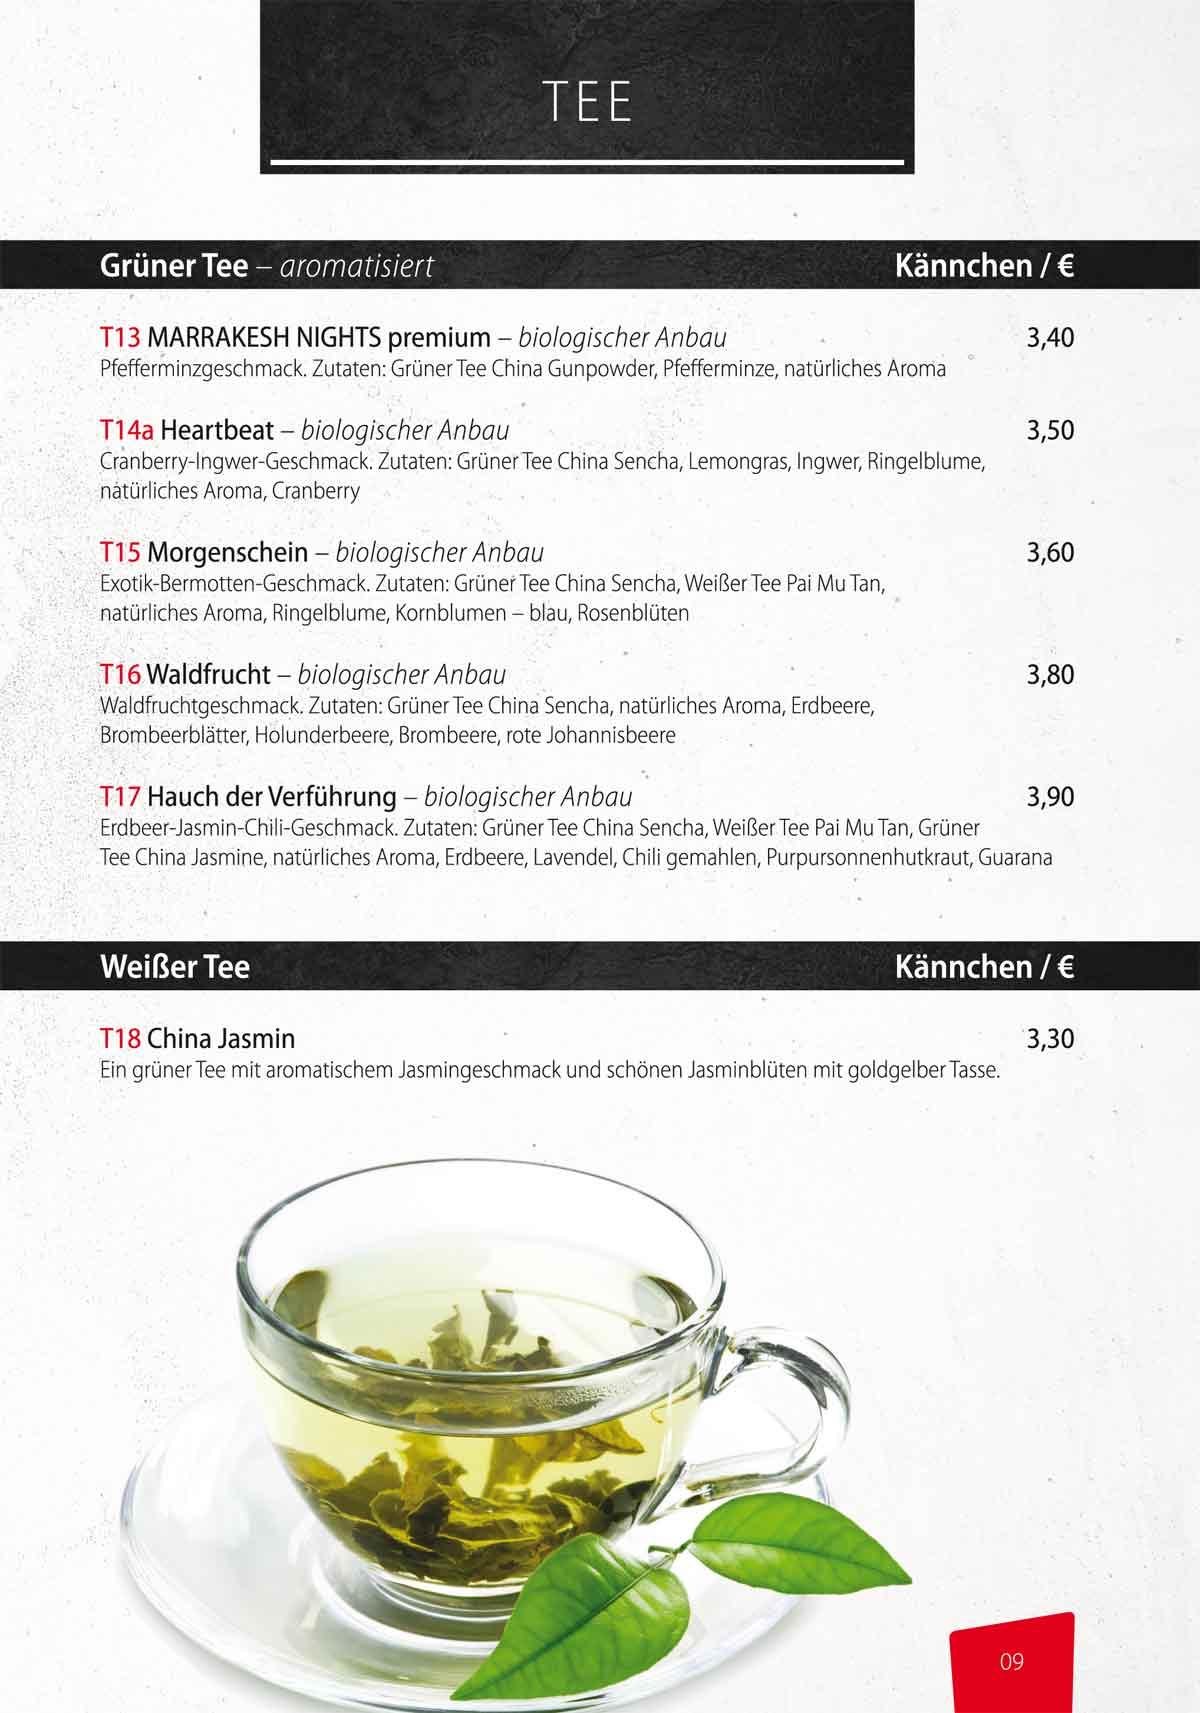 Sushifreunde Getränkekarte im Restaurant   Grüner und Weisser Tee